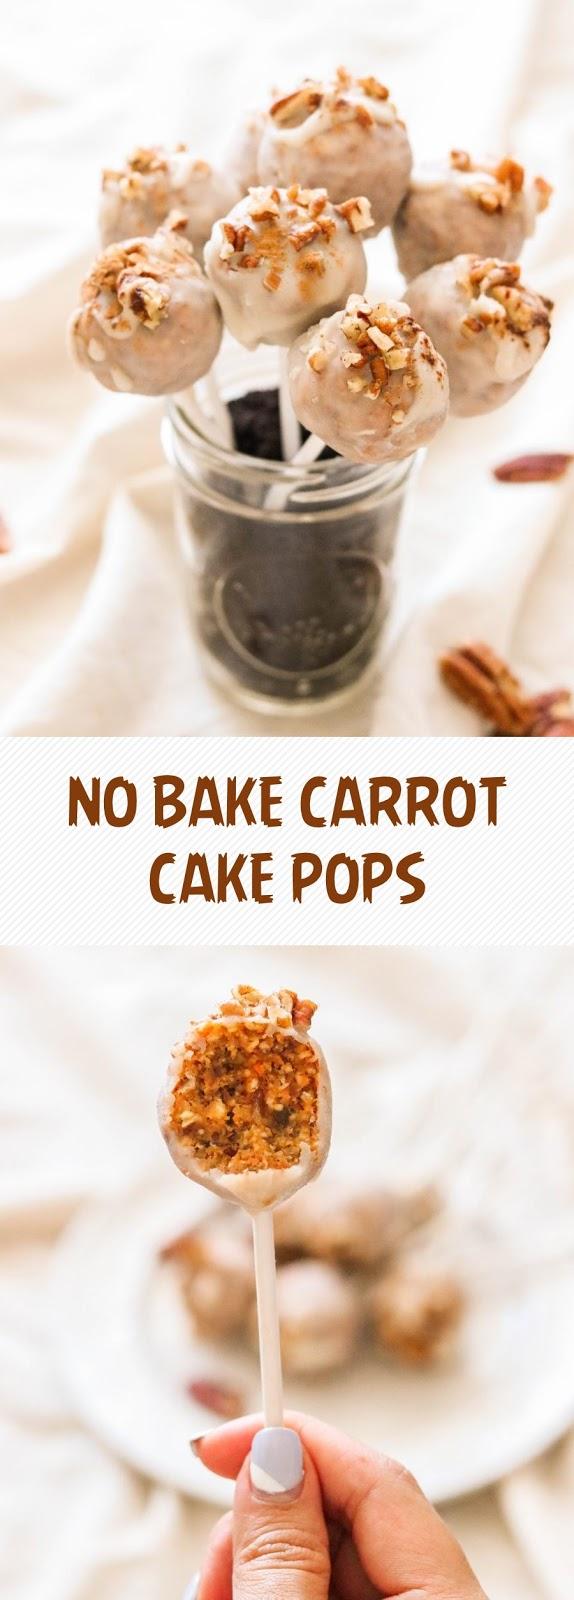 NO BAKE CARROT CAKE POPS (PALEO & VEGAN)